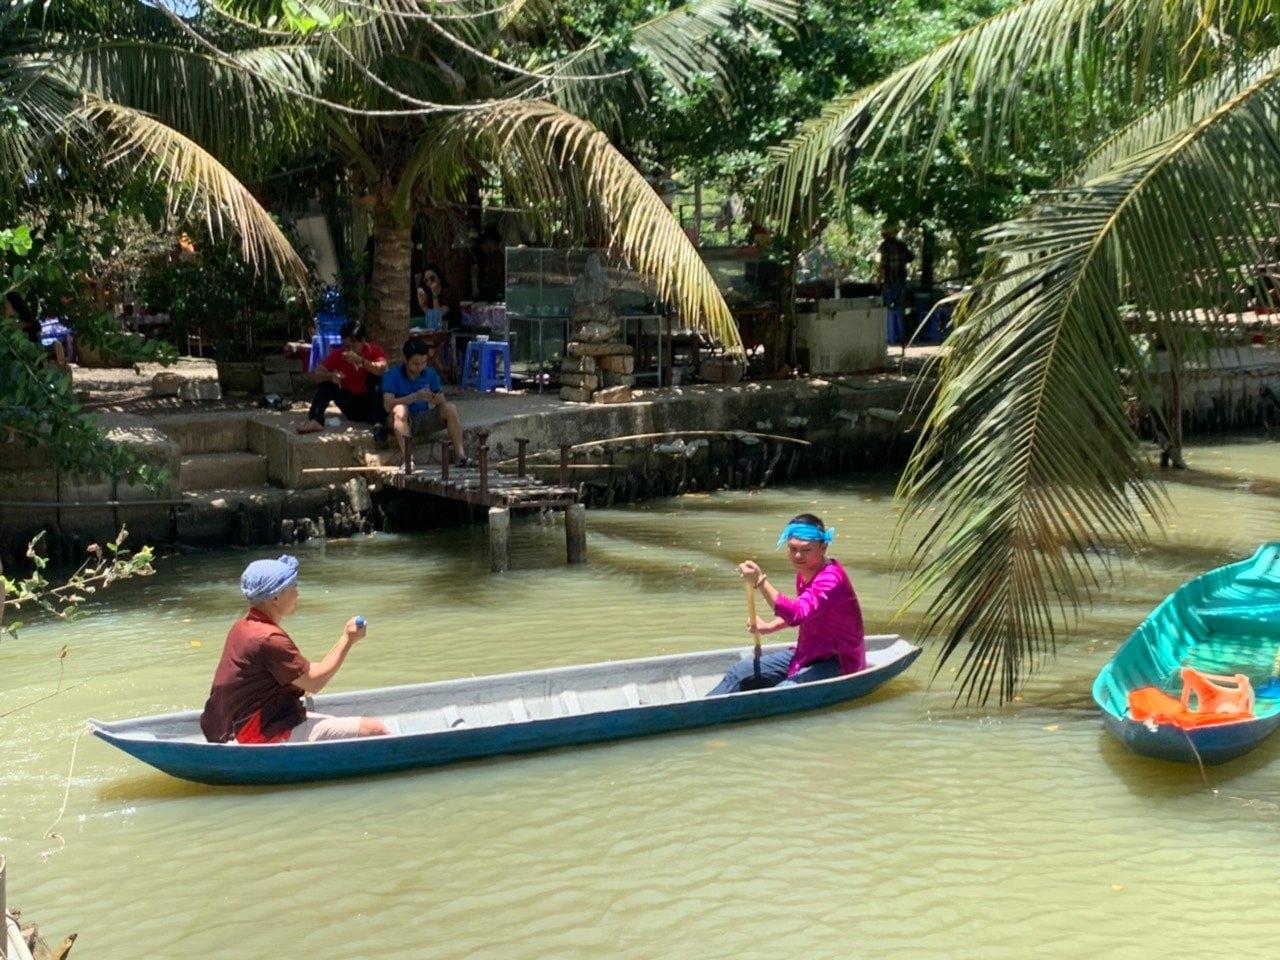 Trải nghiệm du lịch miệt vườn ở Bà Rịa Vũng Tàu